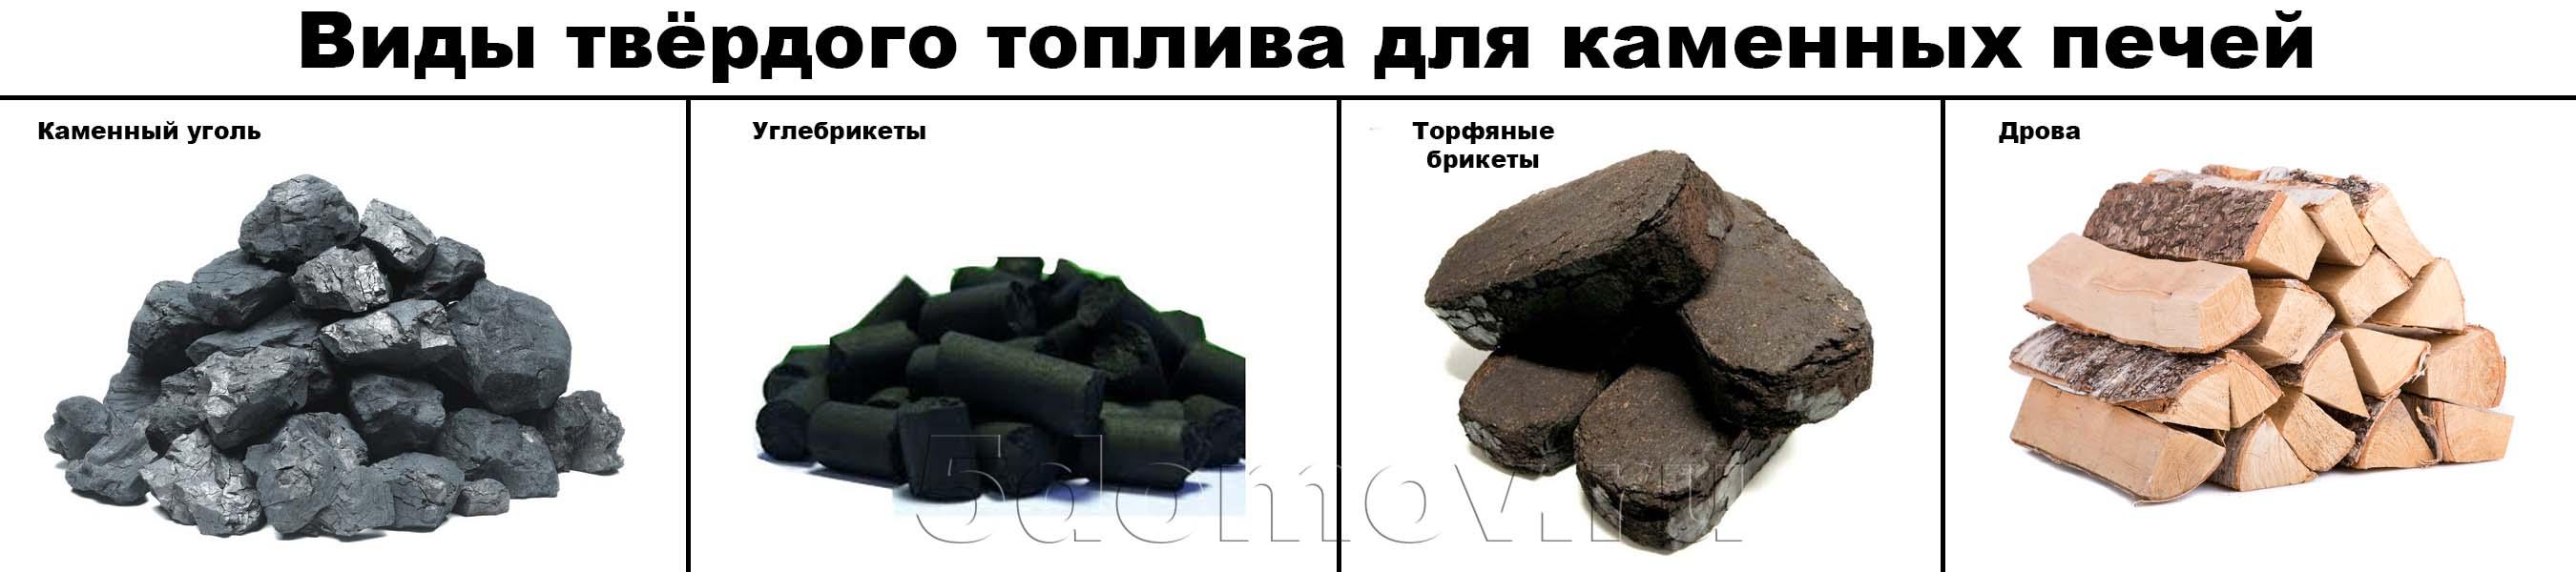 Виды твёрдого топлива для каменных печей